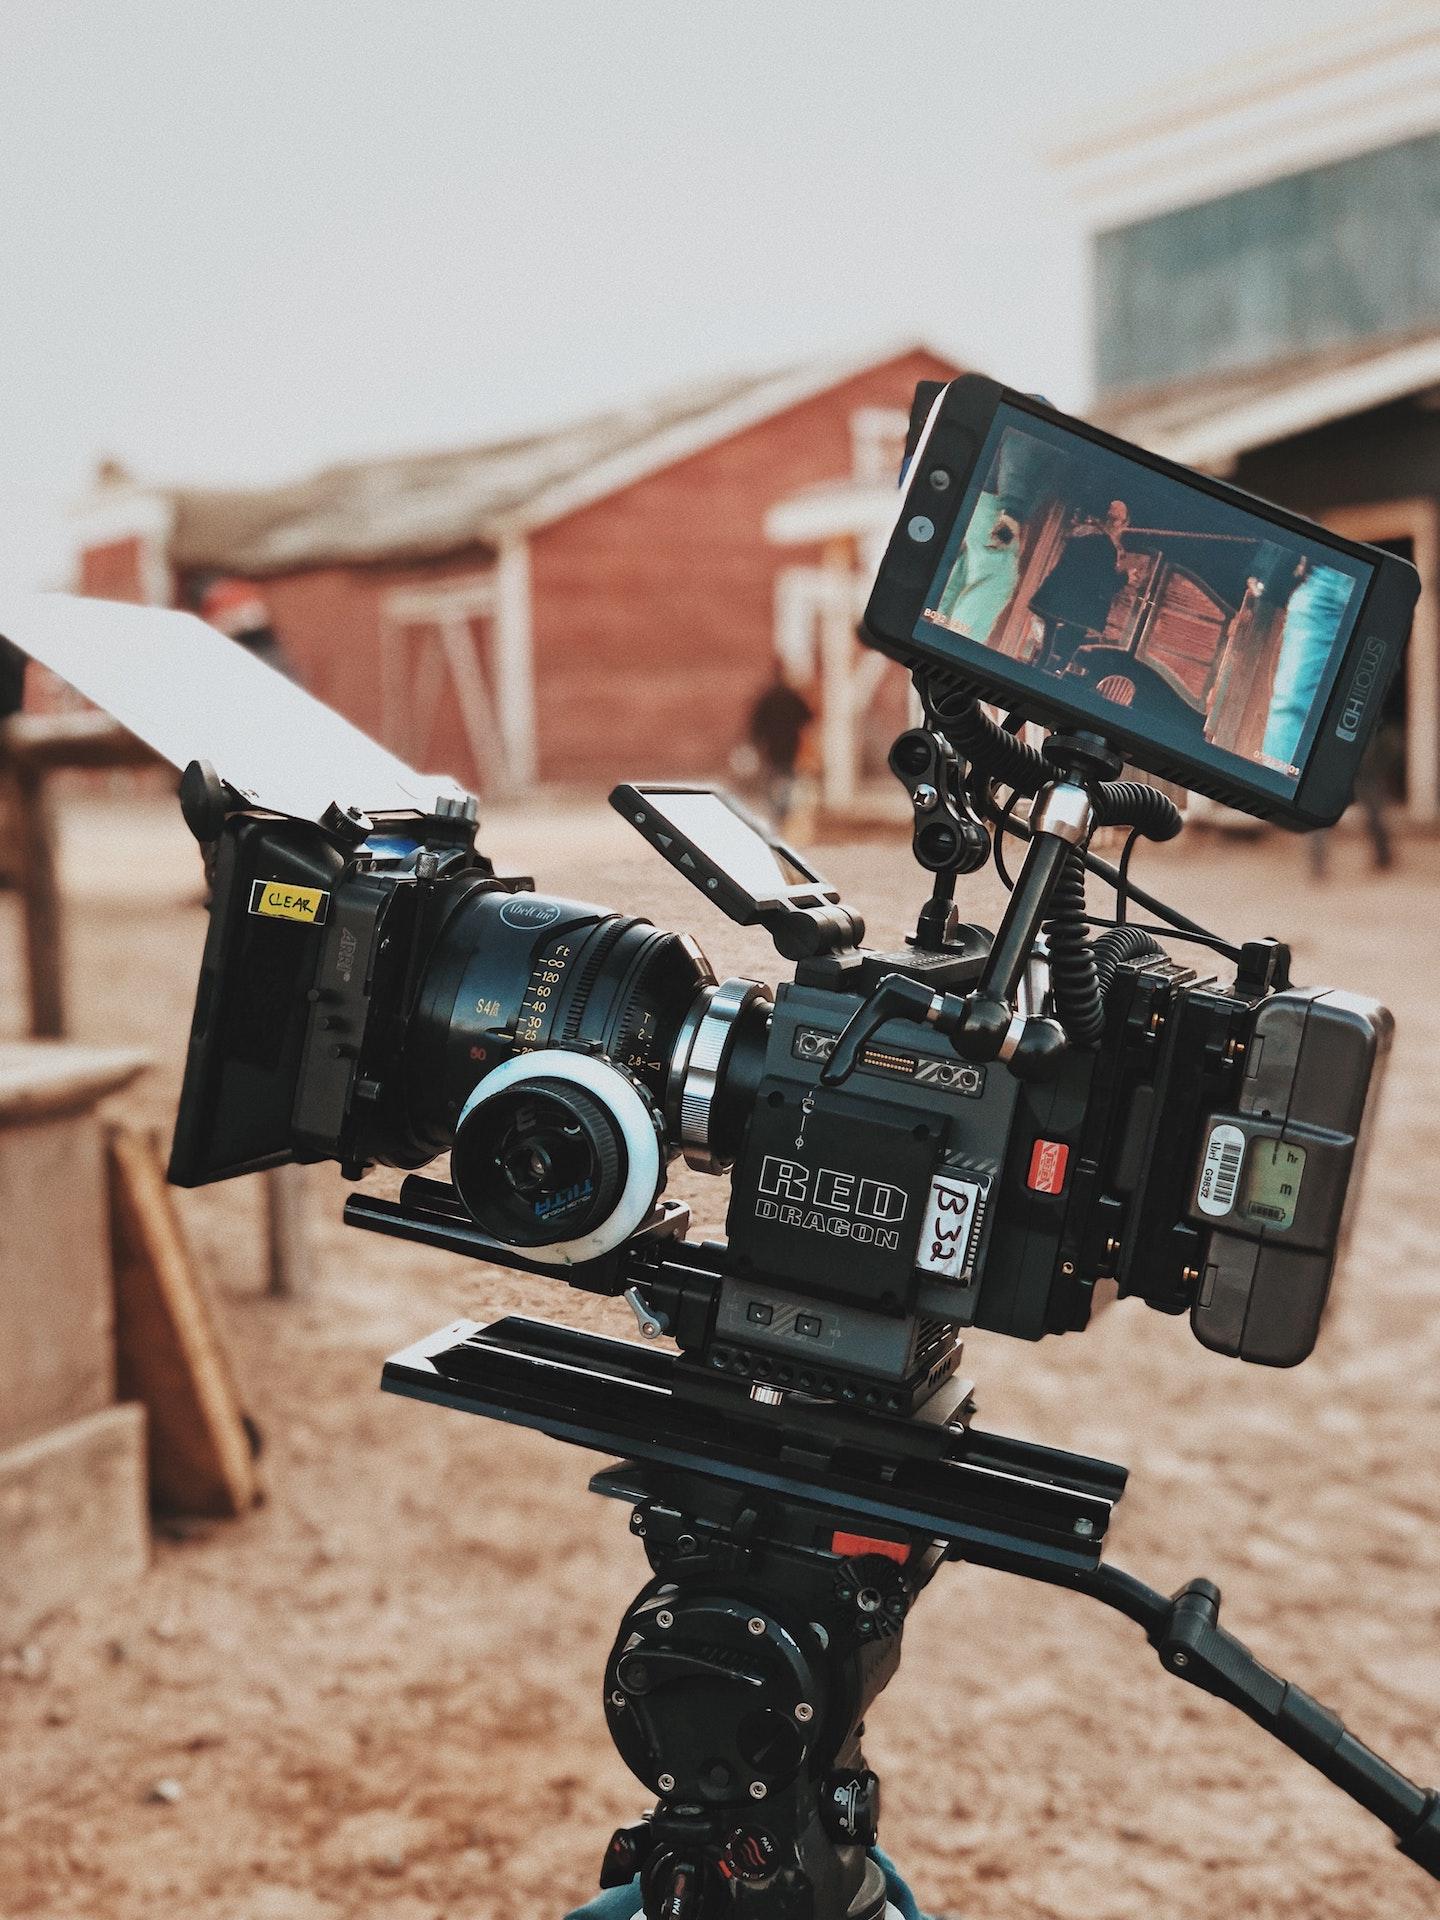 Si eres directivo de una productora de cine y tv o de una plataforma de vídeo podemos coproducir podcasts transmedia para tus producciones. Se pueden producir podcasts de ficción con spin-off de la propia serie o película, de una trama en concreto o de uno o varios personajes enmarcados en el universo de la producción original. También es posible producir en paralelo podcasts documentales o reportajes de ficción o de no ficción si la producción se basa en un hecho real. Uno de los formatos más utilizados para hacer podcasts asociados a producciones de cine y tv es en el que se cuentan y analizan las tramas de la película o de cada episodio o se entrevistan a los miembros del equipo, construyendo un making of sonoro de la producción.